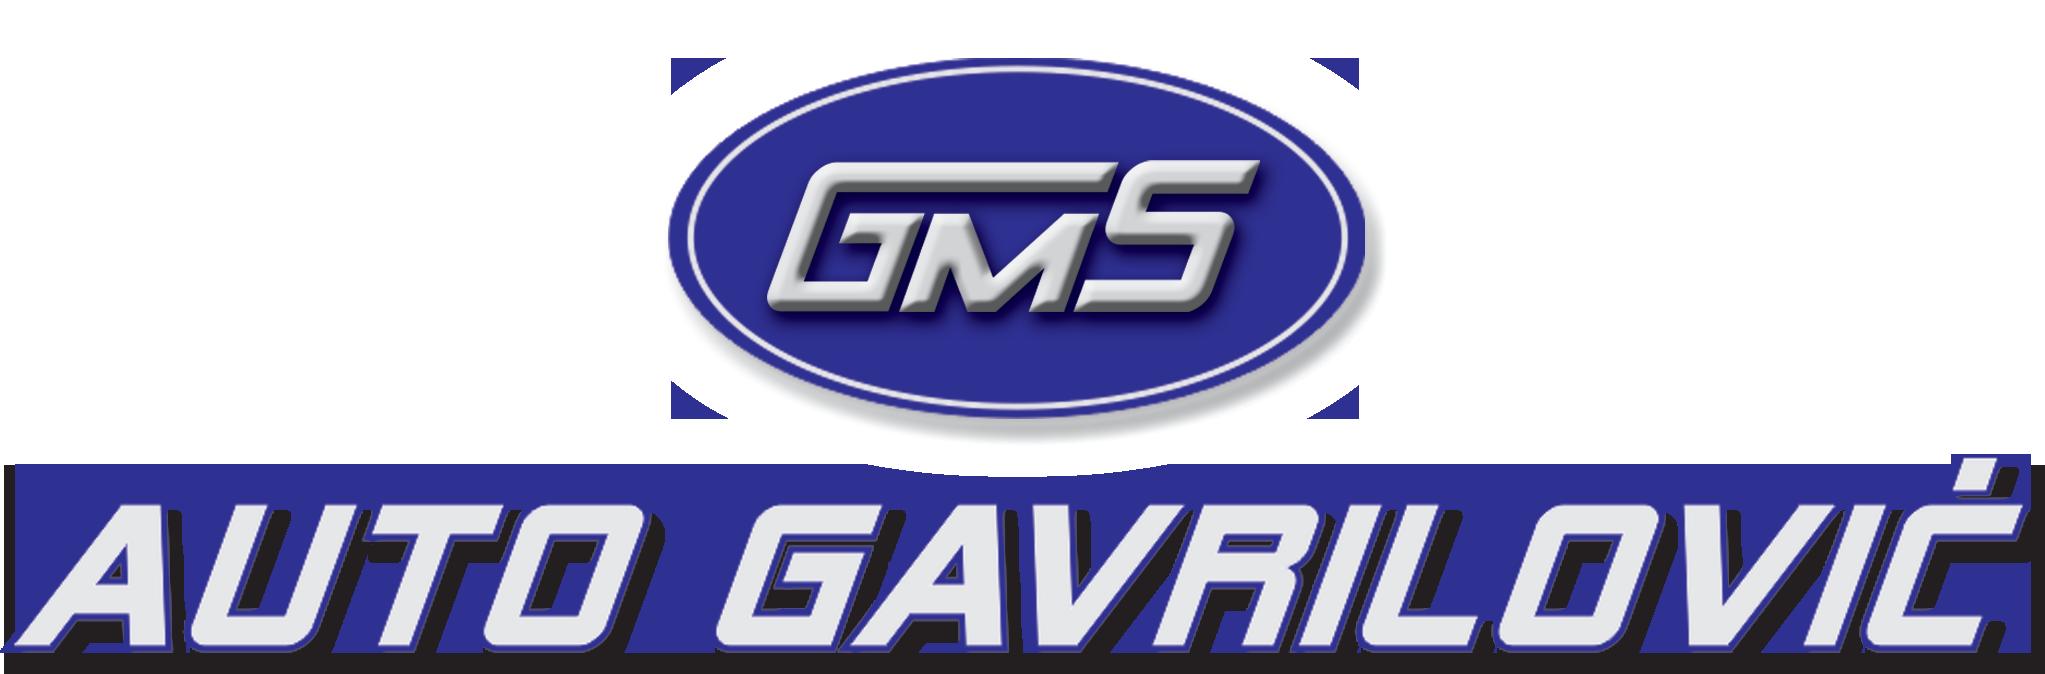 GMS Auto